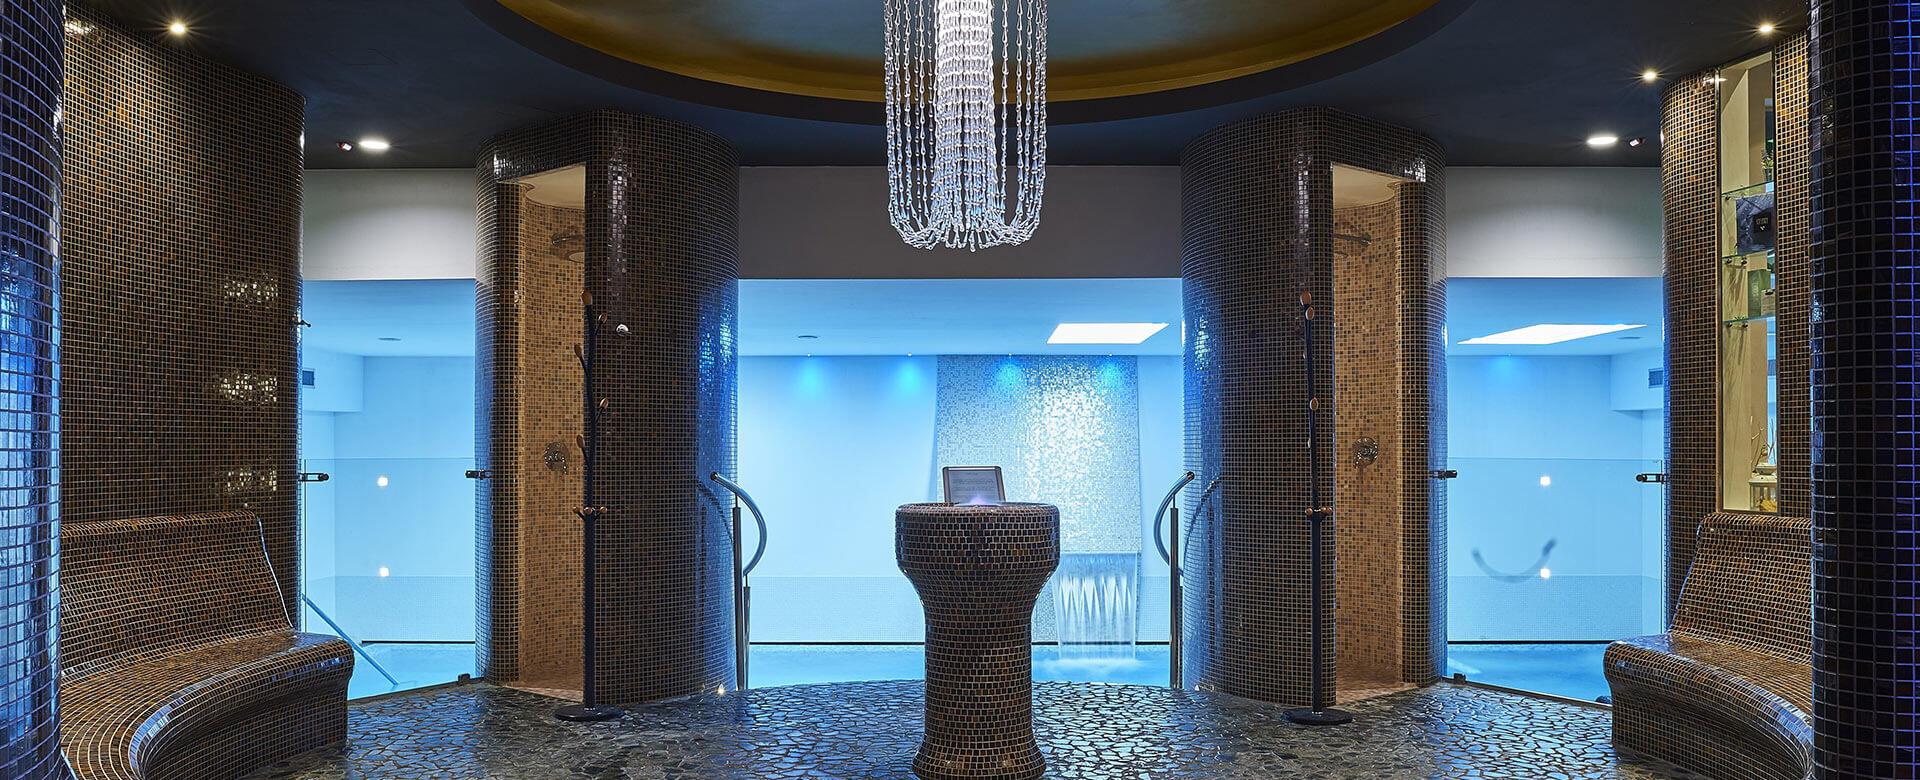 hotelvillaluisa it spa-beauty 003